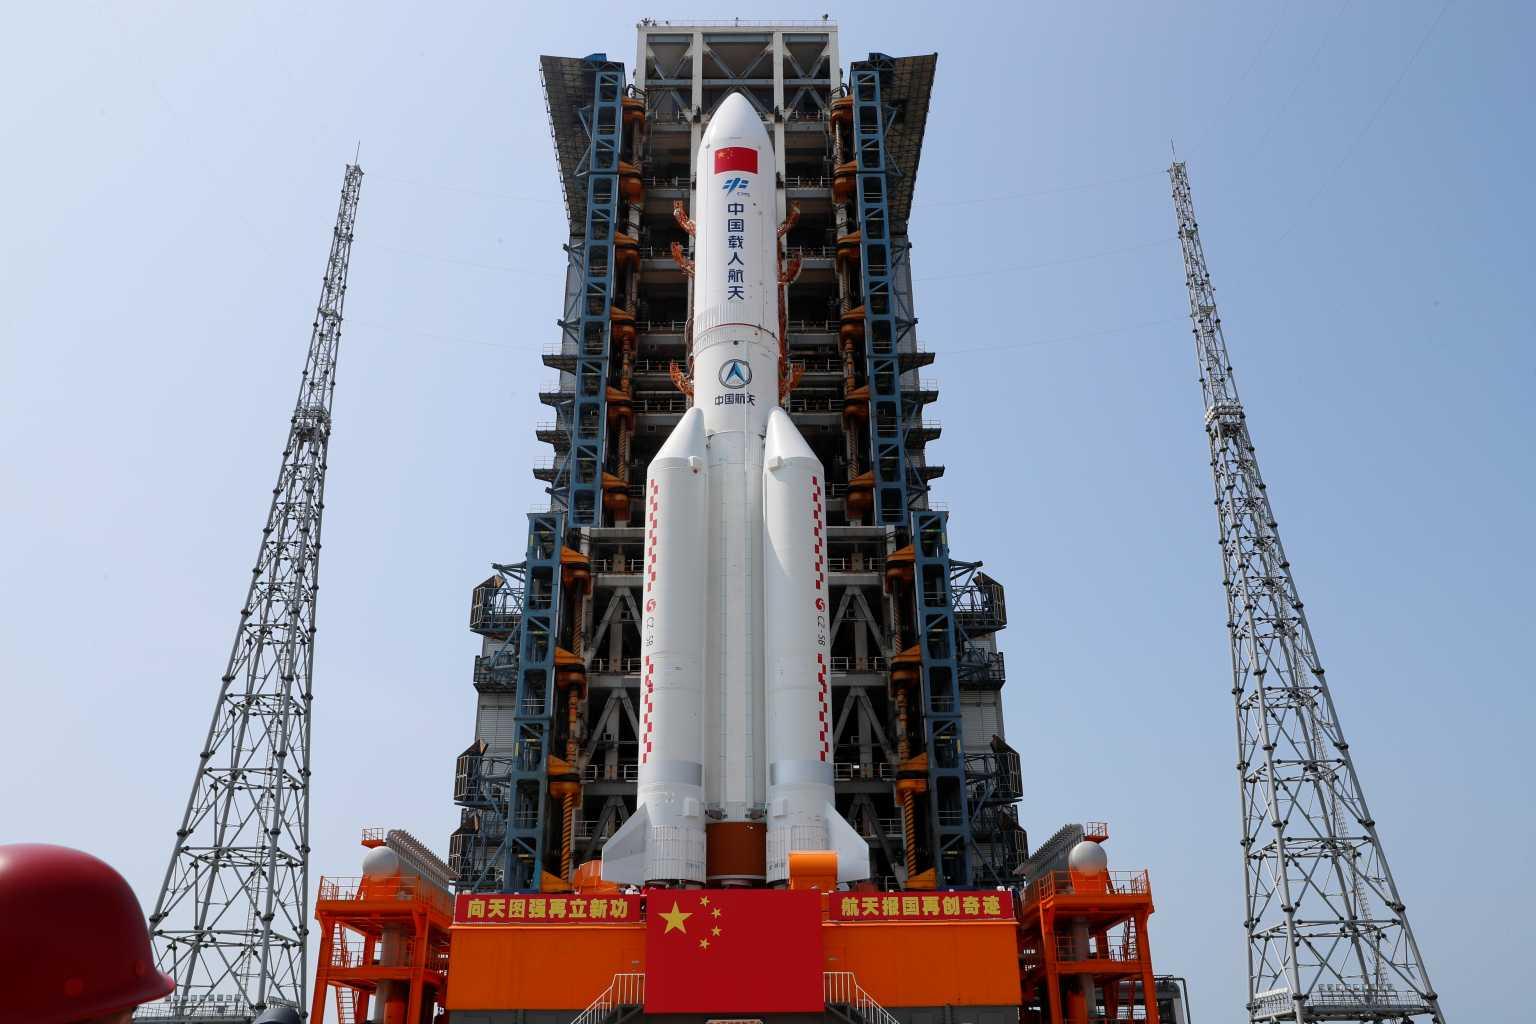 Κίνα: Λίγες οι πιθανότητες για ζημιές από τον ανεξέλεγκτο πύραυλο που θα πέσει από το διάστημα